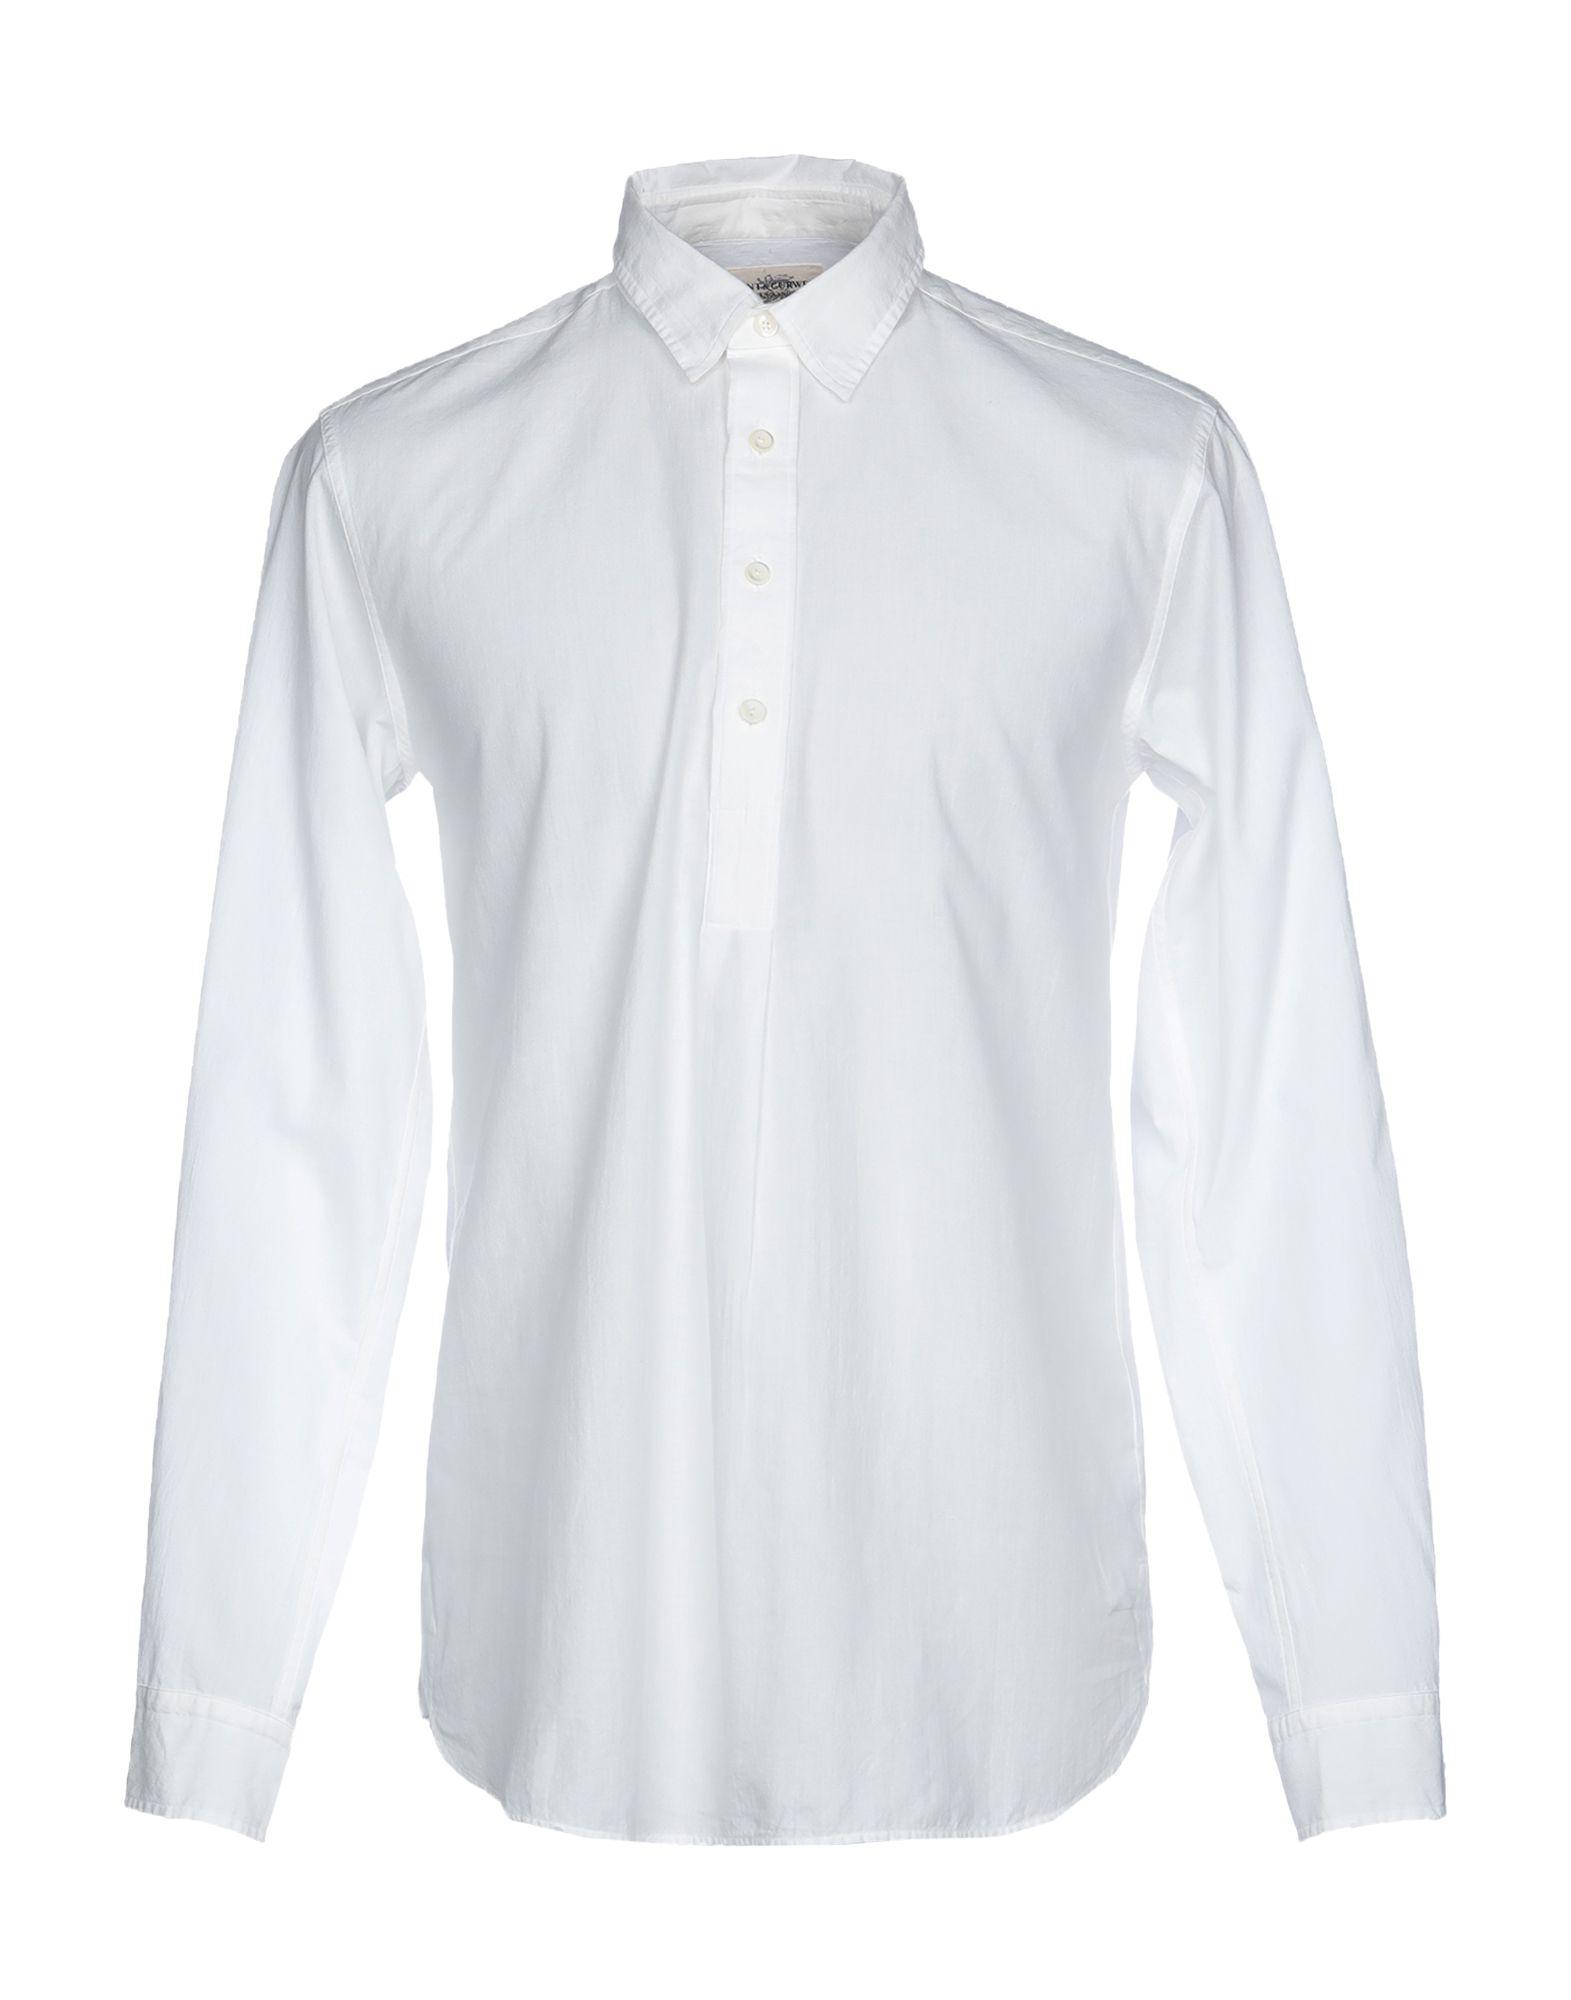 《セール開催中》KENT & CURWEN メンズ シャツ ホワイト XS 100% コットン